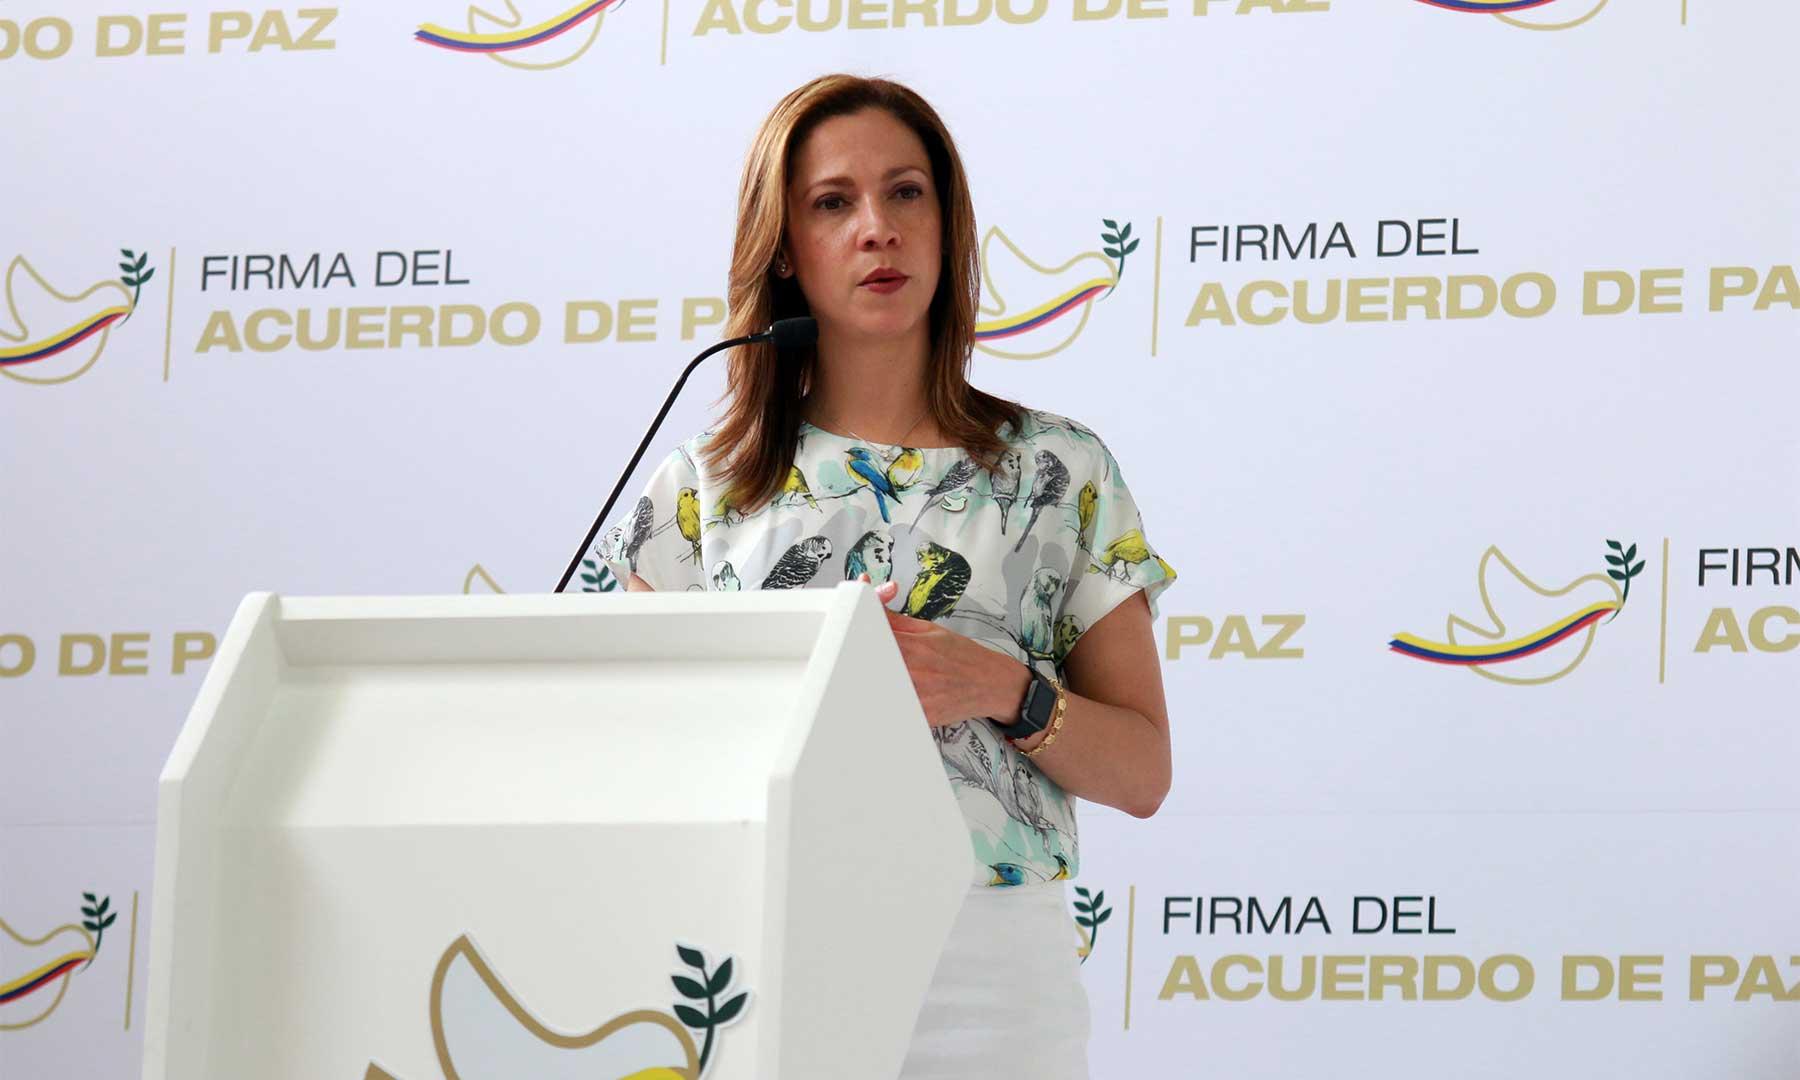 Evento de Firma del Acuerdo de Paz es para cerrar la guerra y abrir la paz, afirmó Ministra de Comercio, María Claudia Lacouture